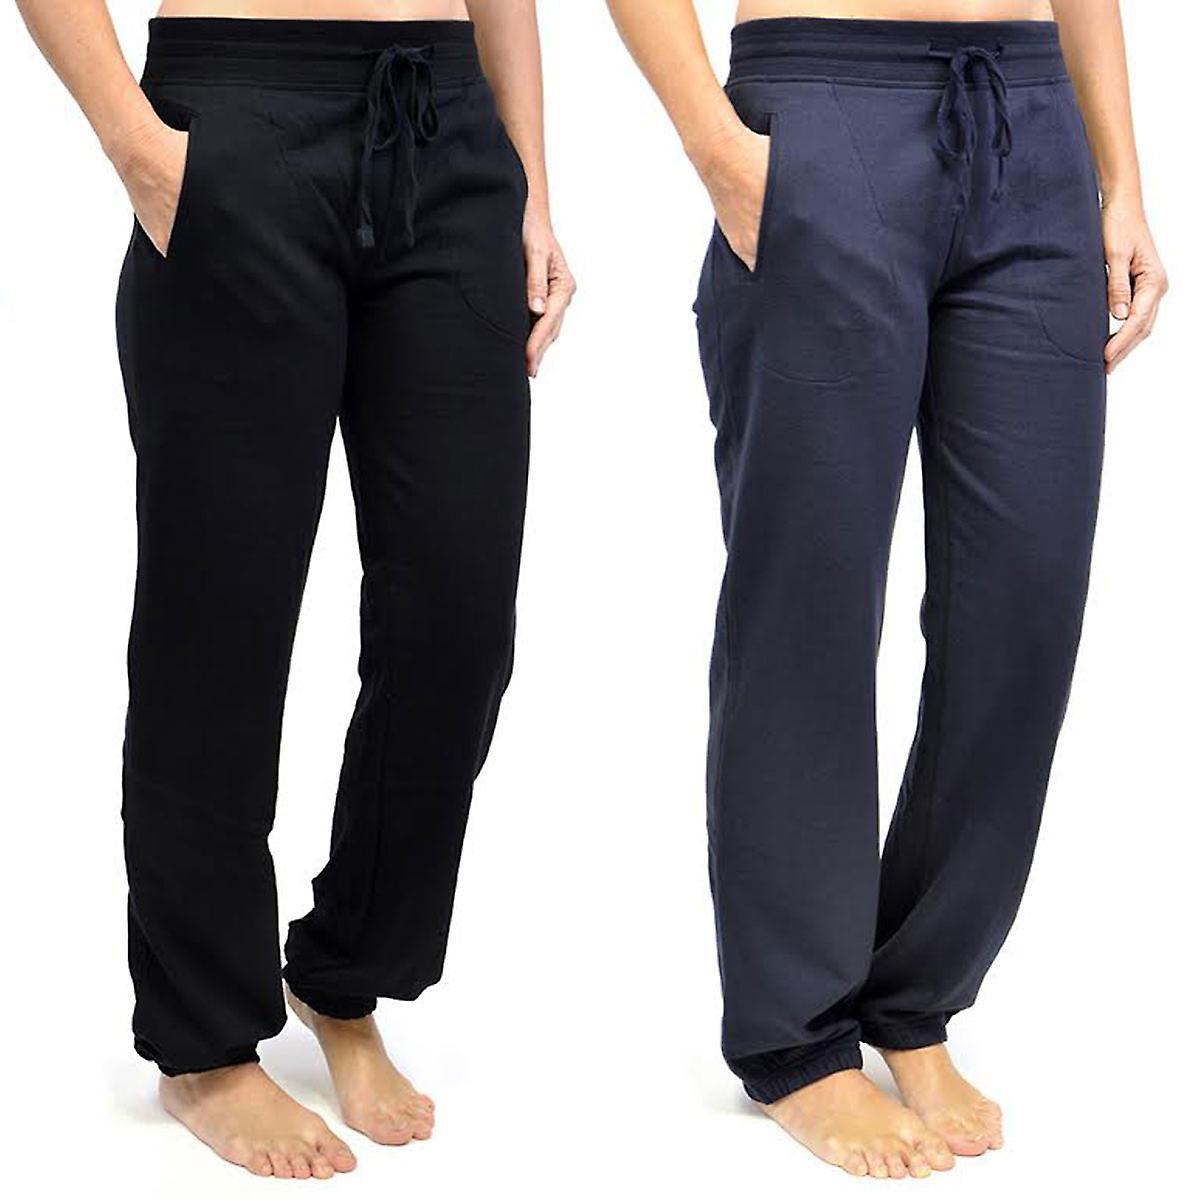 2Pk Mesdames Tom Franks Sport Gym Jogging pantalon mode Sports wear